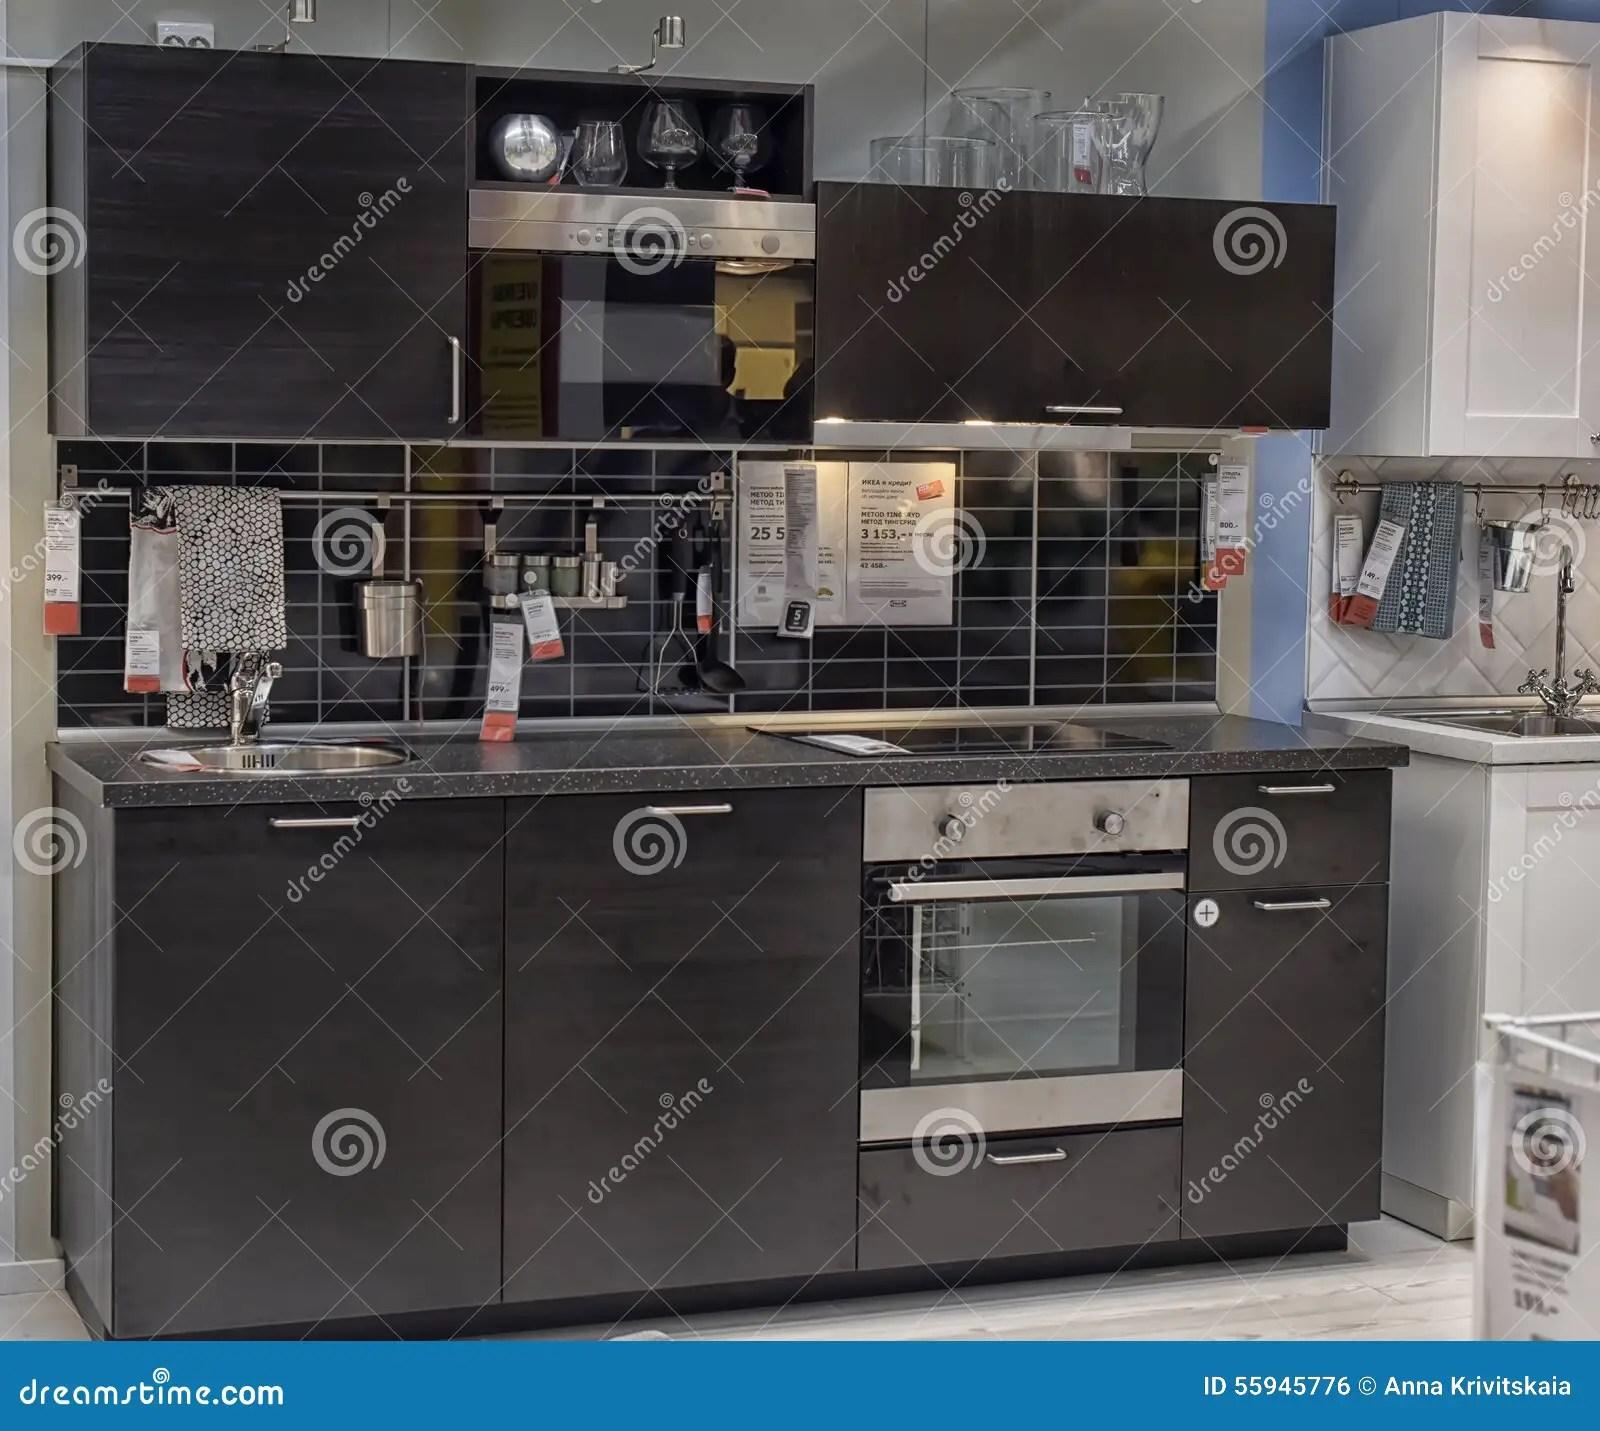 kitchen furniture store rugs under table 家具店的宜家厨房编辑类照片 图片包括有显示 装饰 设计员 家具 设计 家具店的宜家 彼得斯堡 俄罗斯厨房